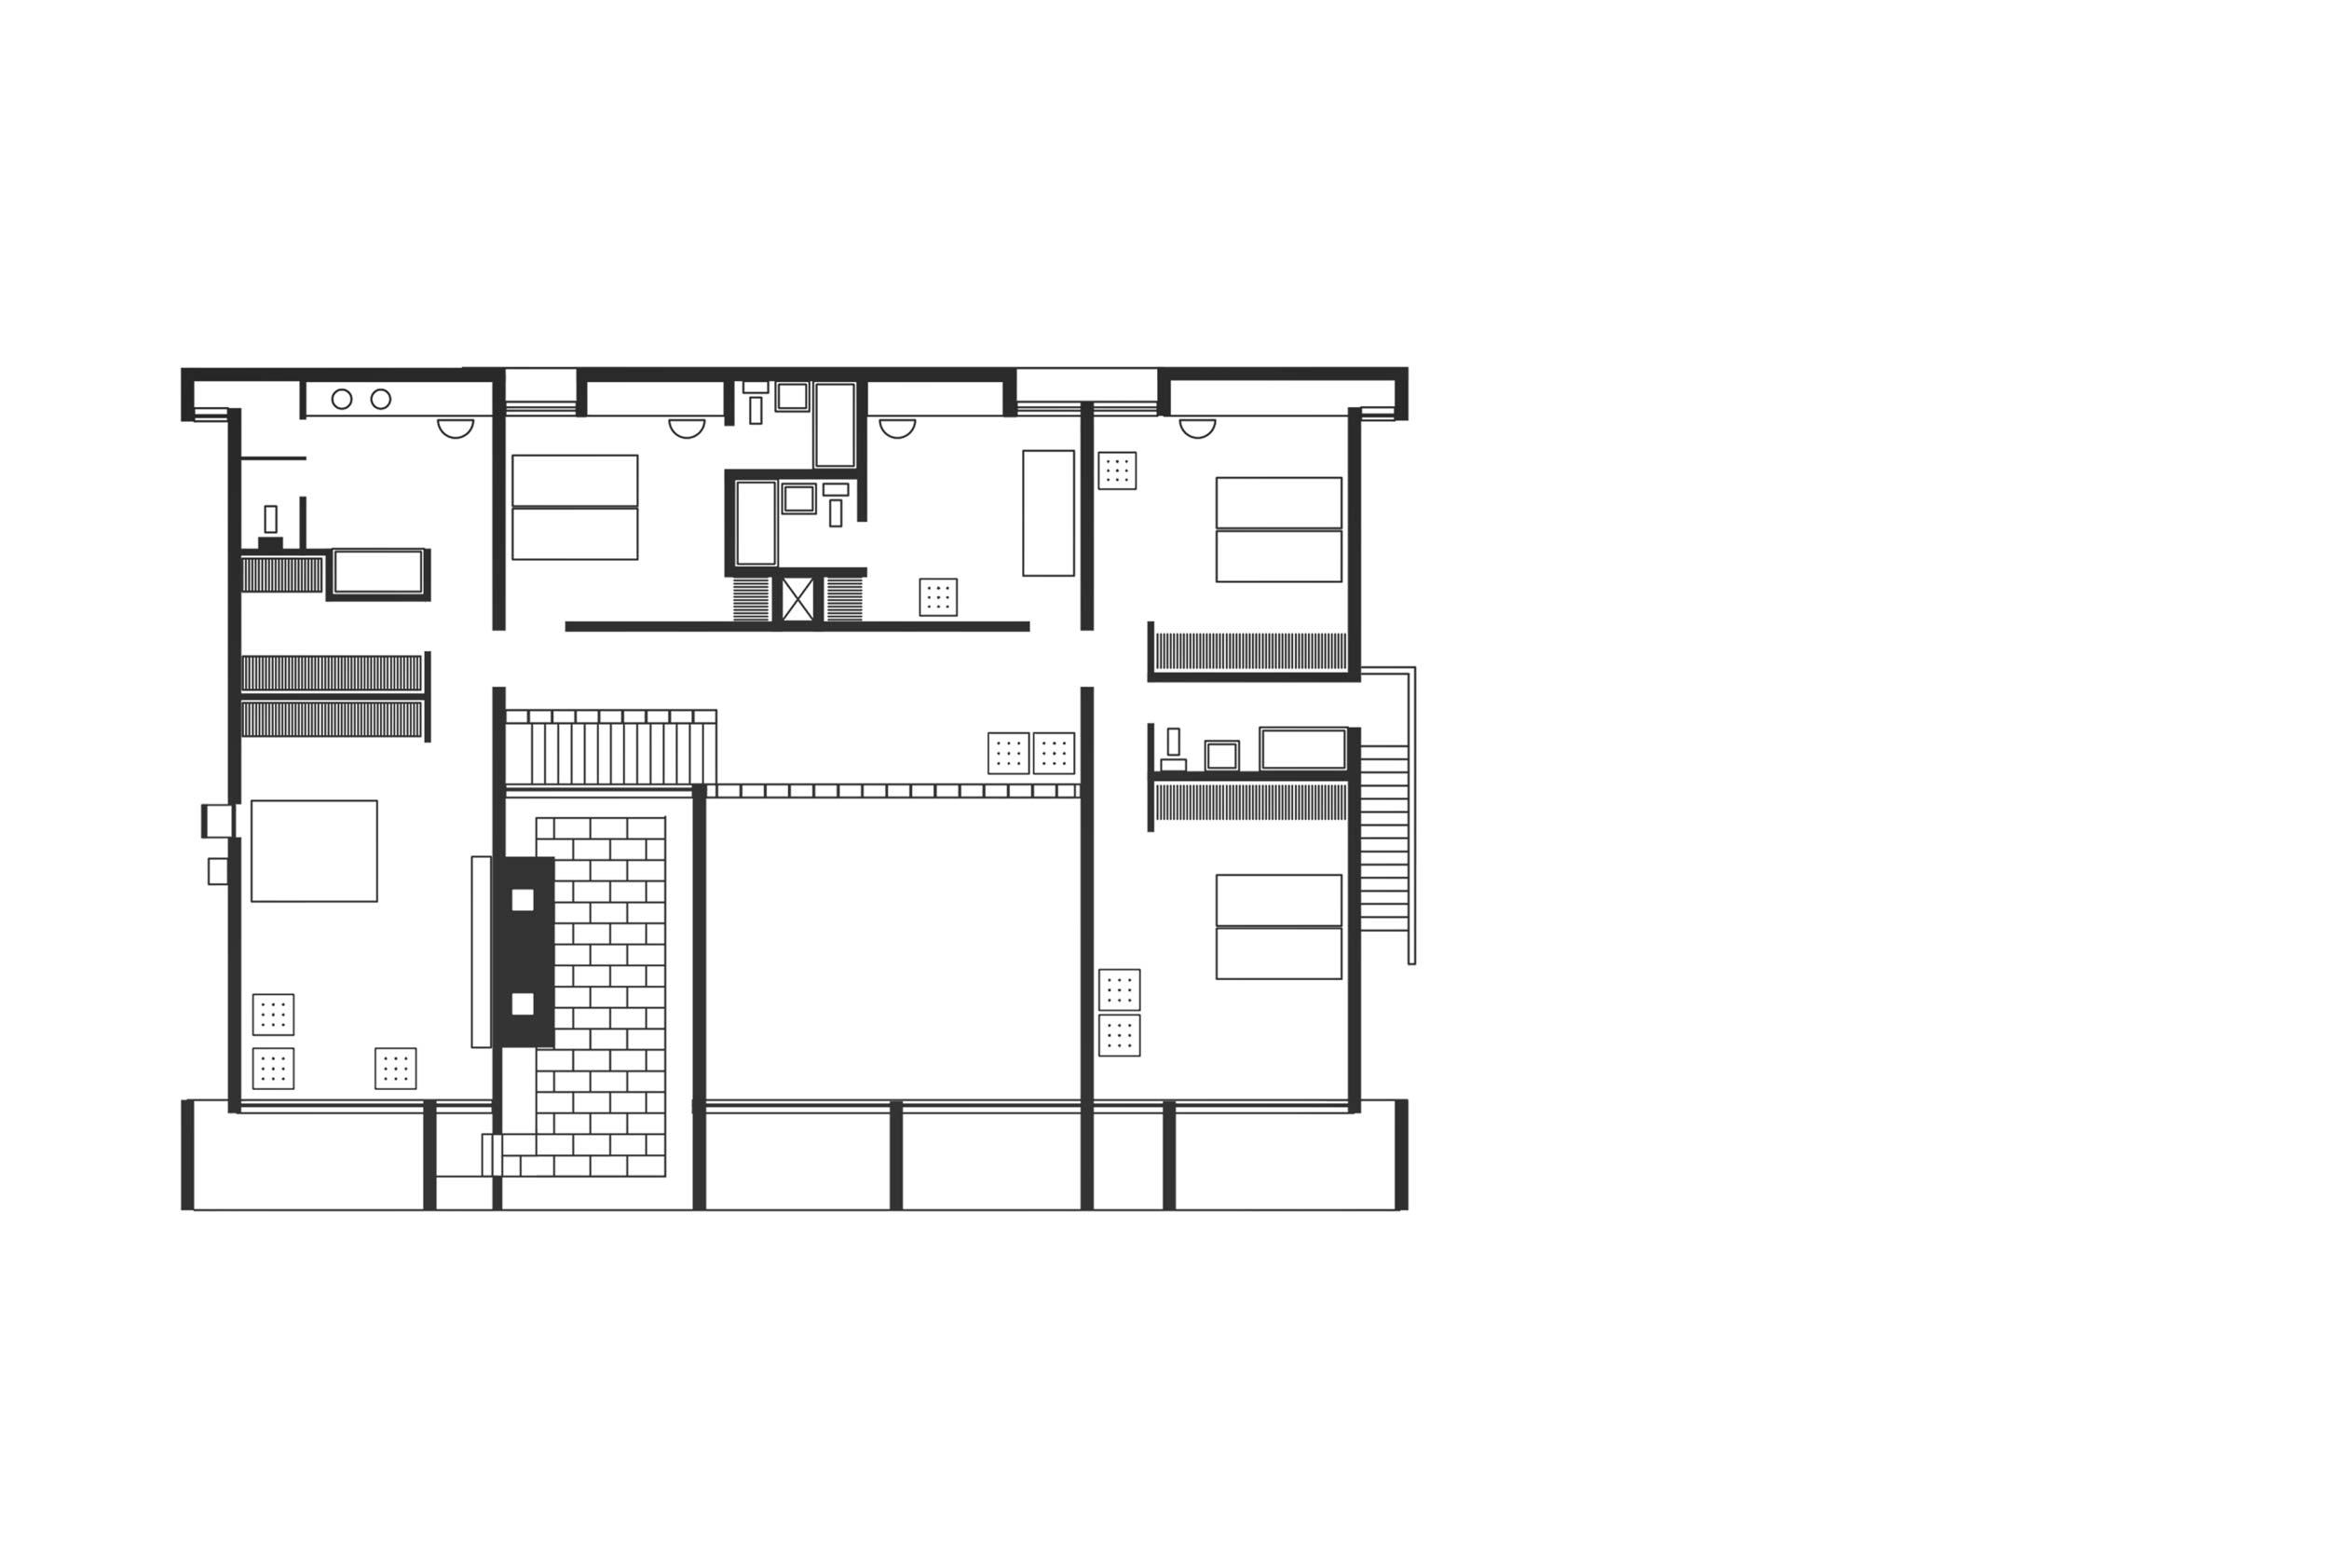 Alex-Kaiser-Different-photoshop-plan-architecture-03.jpg